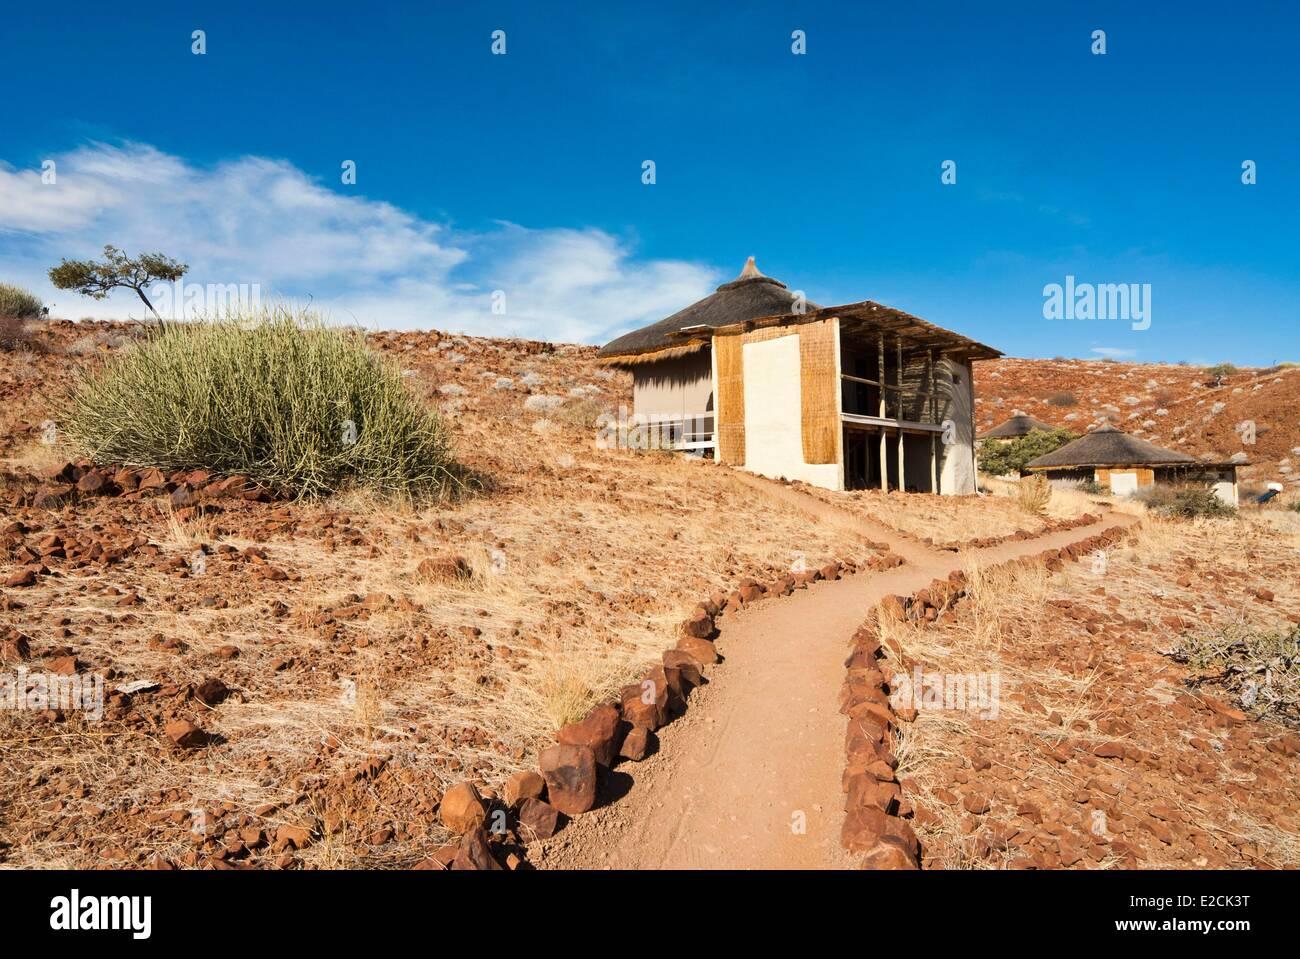 La Namibie, région de Kunene, Damaraland, Damaraland Camp Banque D'Images